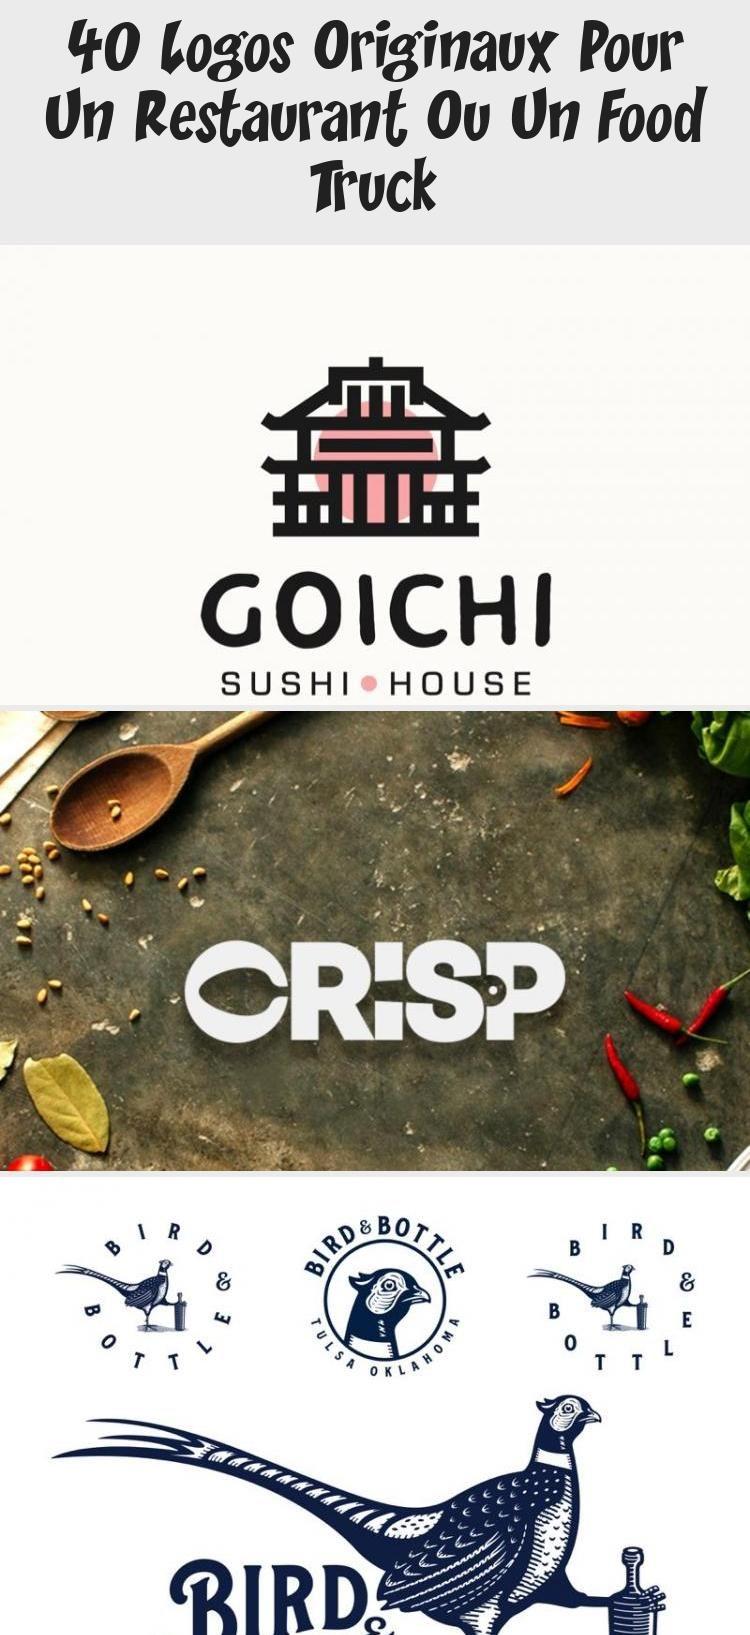 40 logos originaux pour un restaurant ou un Food Truck